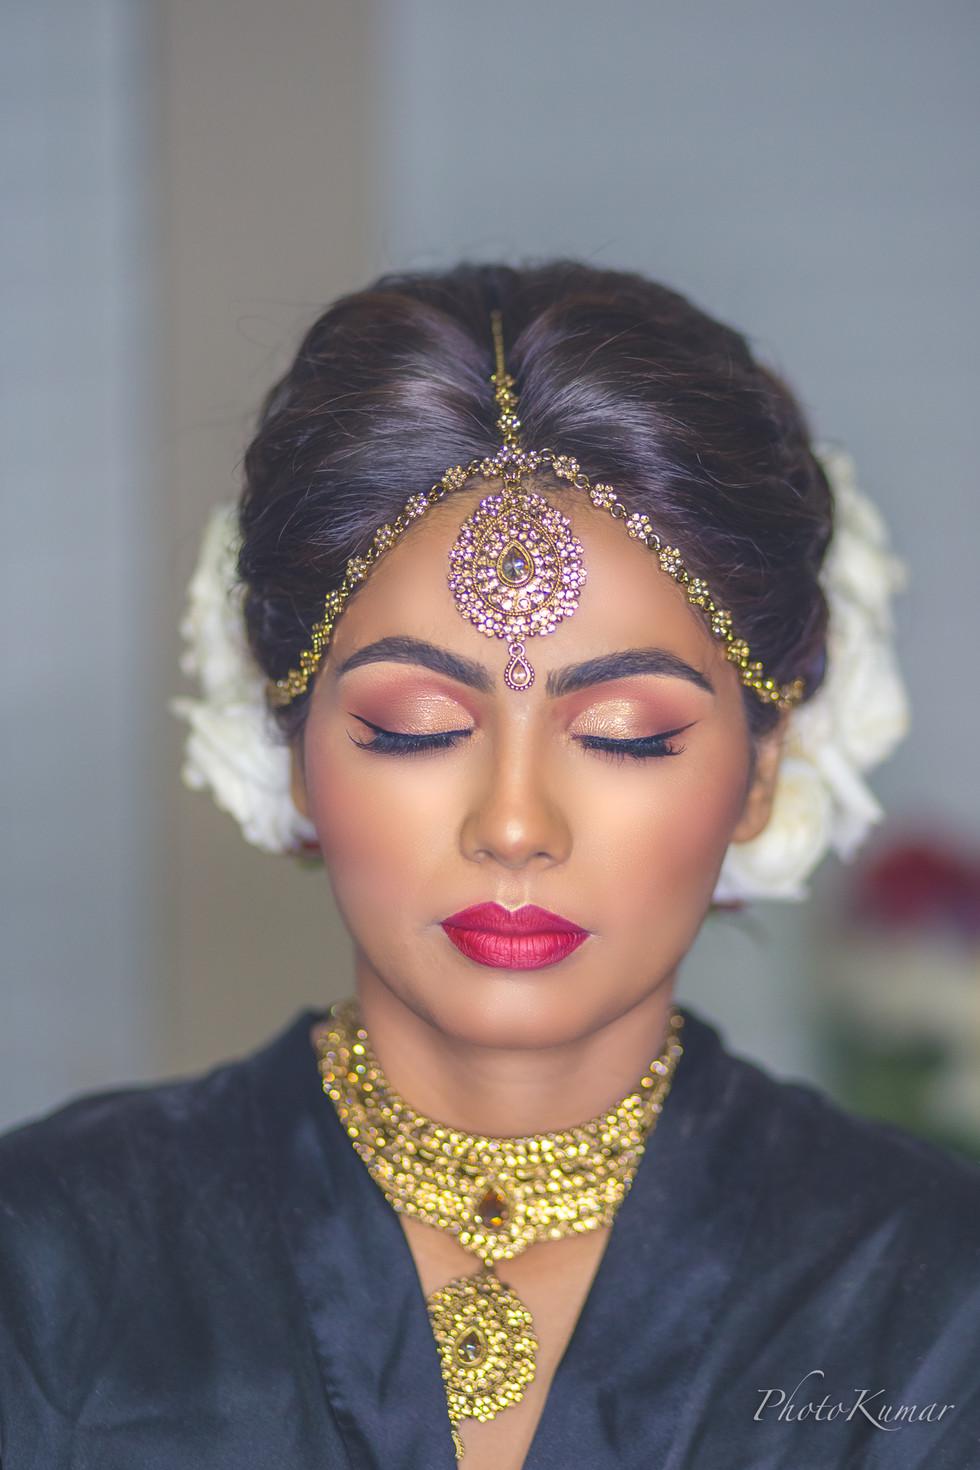 PhotoKumar-Nilam-wedding-dallas-texas-2018.jpg